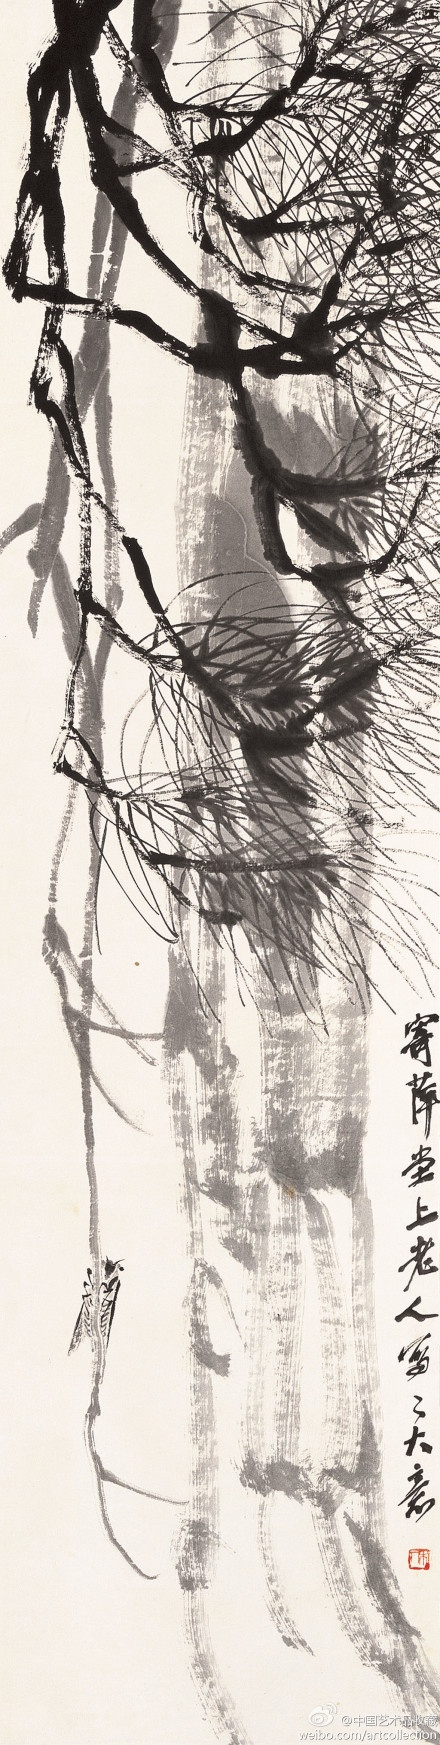 齐白石 《松蝉》 】立轴,设色纸本,130.6×33cm。 此画构图极为讲究,淡墨的松树干,顶天立地;较重墨色描画的松树枝,从左上方斜插而下;再以凝重的焦墨写出细如毫发而又秀劲多姿的松针;淡赭墨写就的孤蝉,紧紧地抓着一根光秃秃的松枝,与右侧的重墨题字,遥相呼应,可谓别有怀抱。